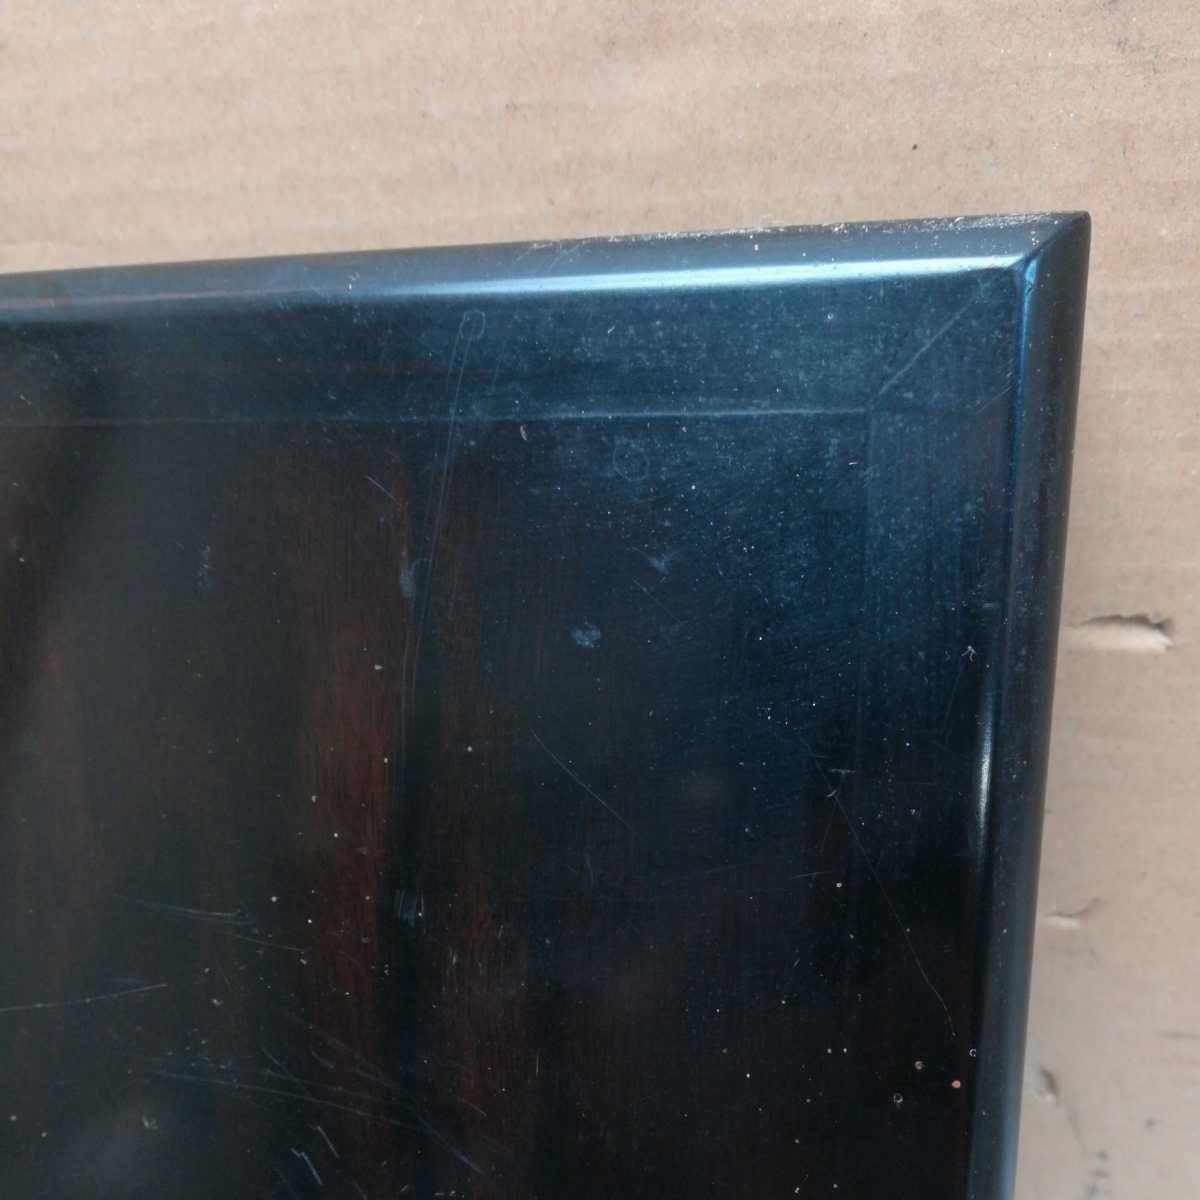 唐木花台 古美術 飾り台 盆栽台 香炉台 華道具 茶道具 骨董美術品 30.8×21×4.2cm_画像3